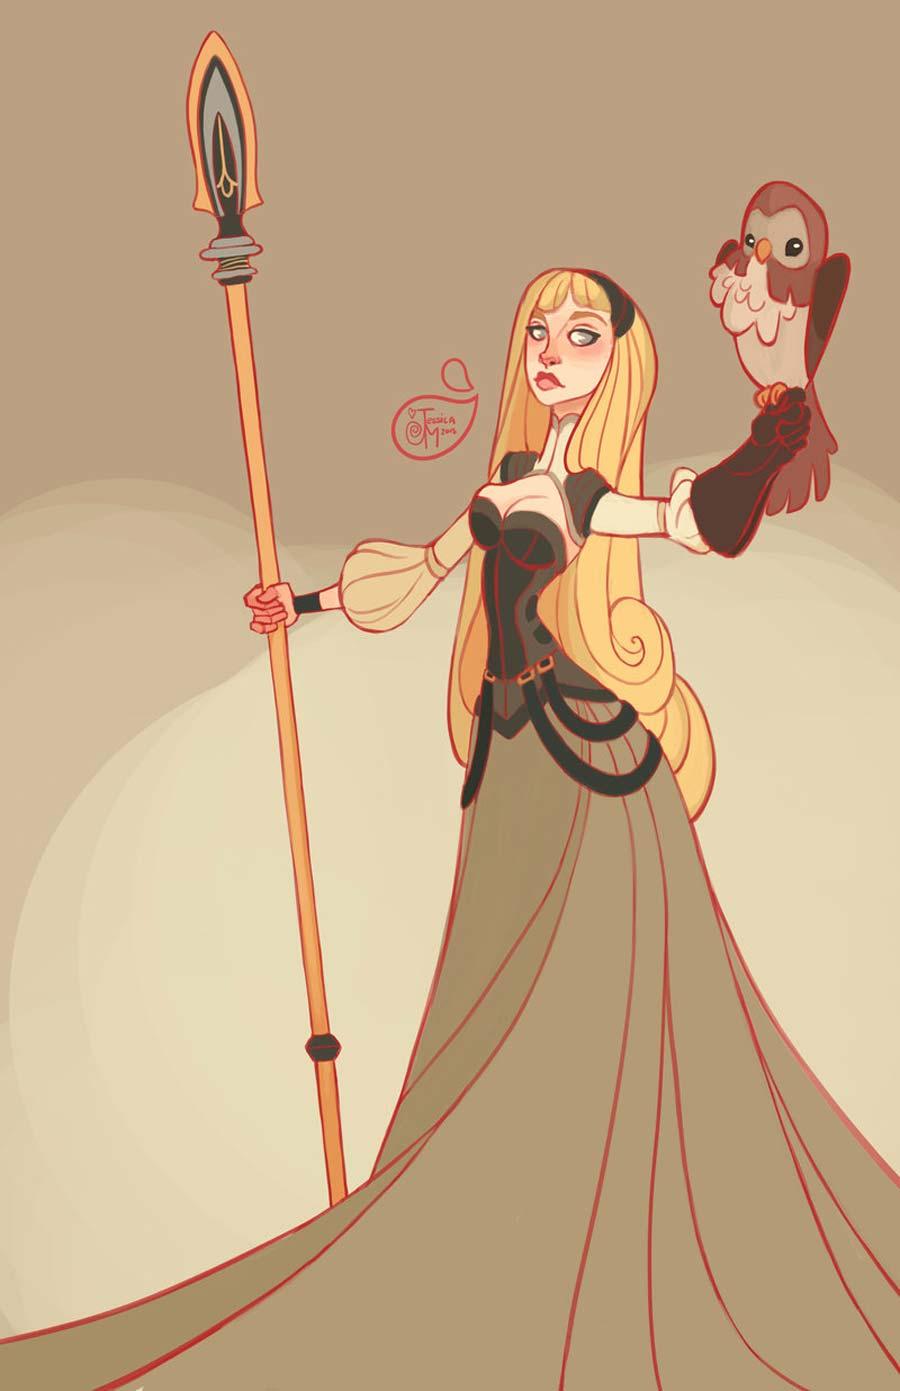 disney-ilustracao-princesasguerreiras-009